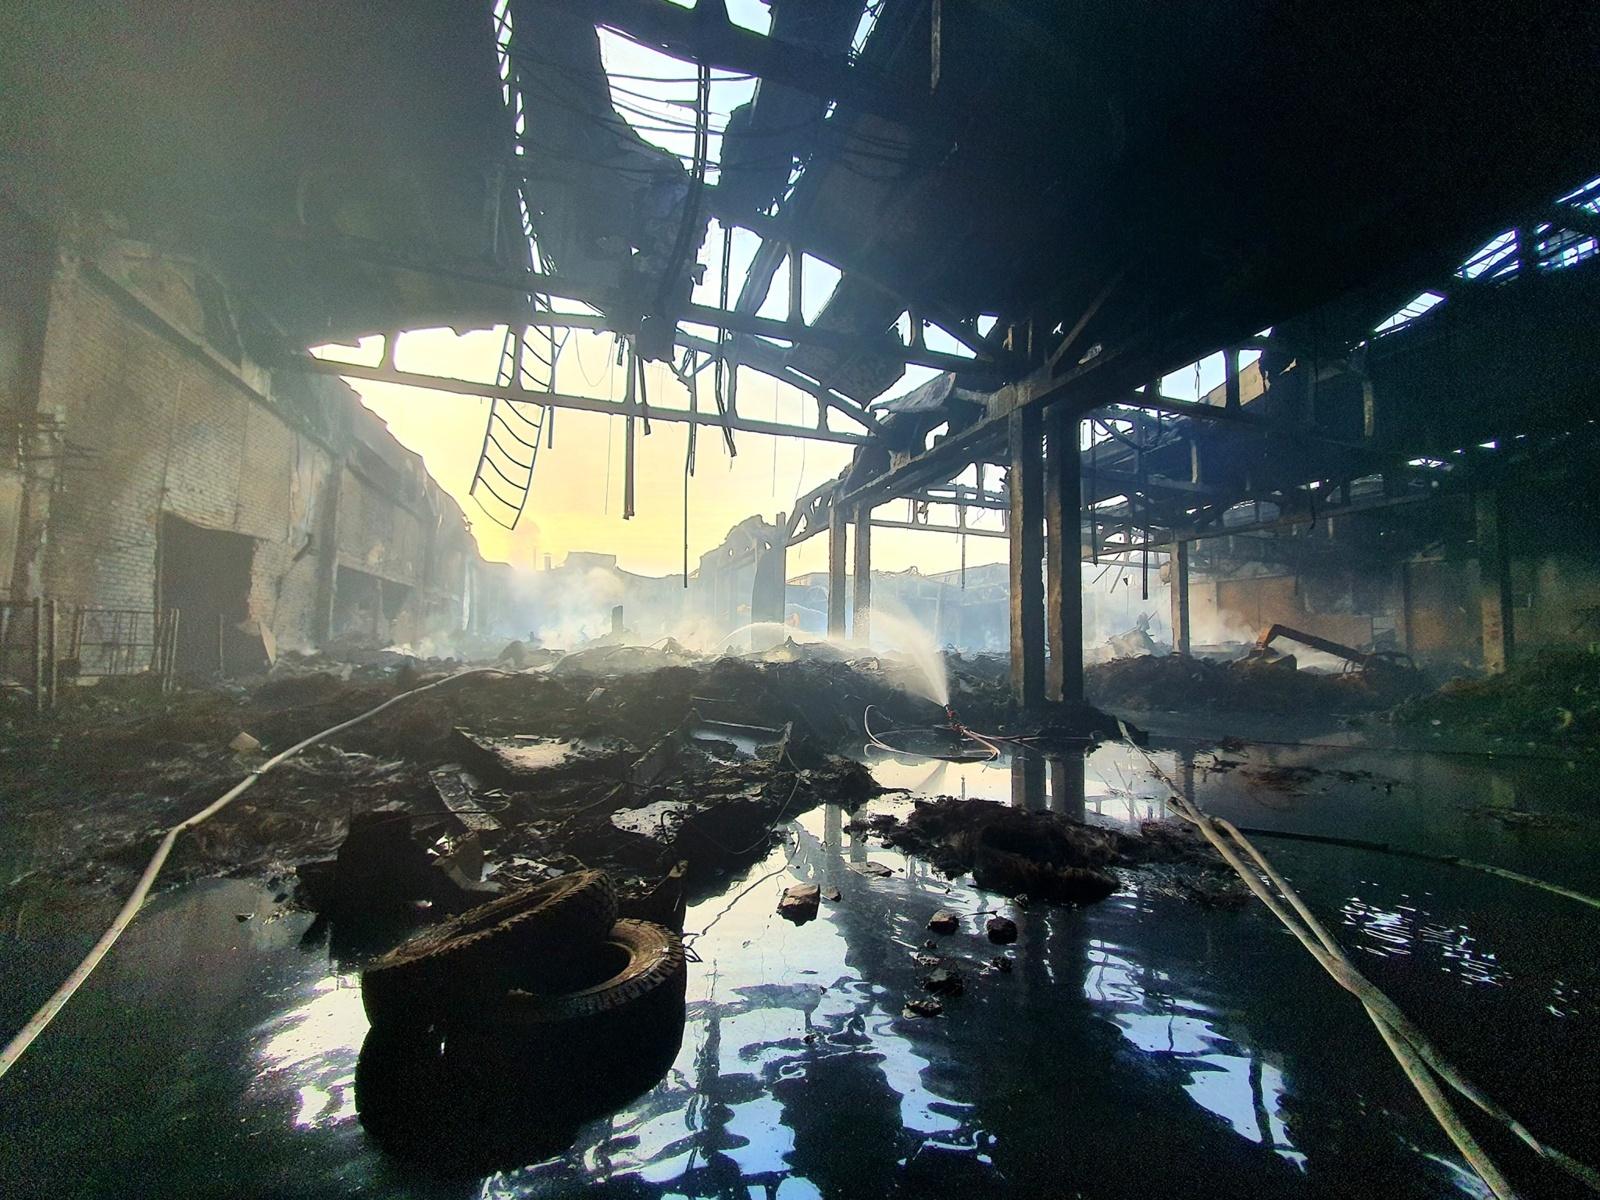 N. Cesiulis pasibaisėjo Aplinkos ministerijos rekomendacijomis užterštą po gaisro vandenį išpilti į Nemuną